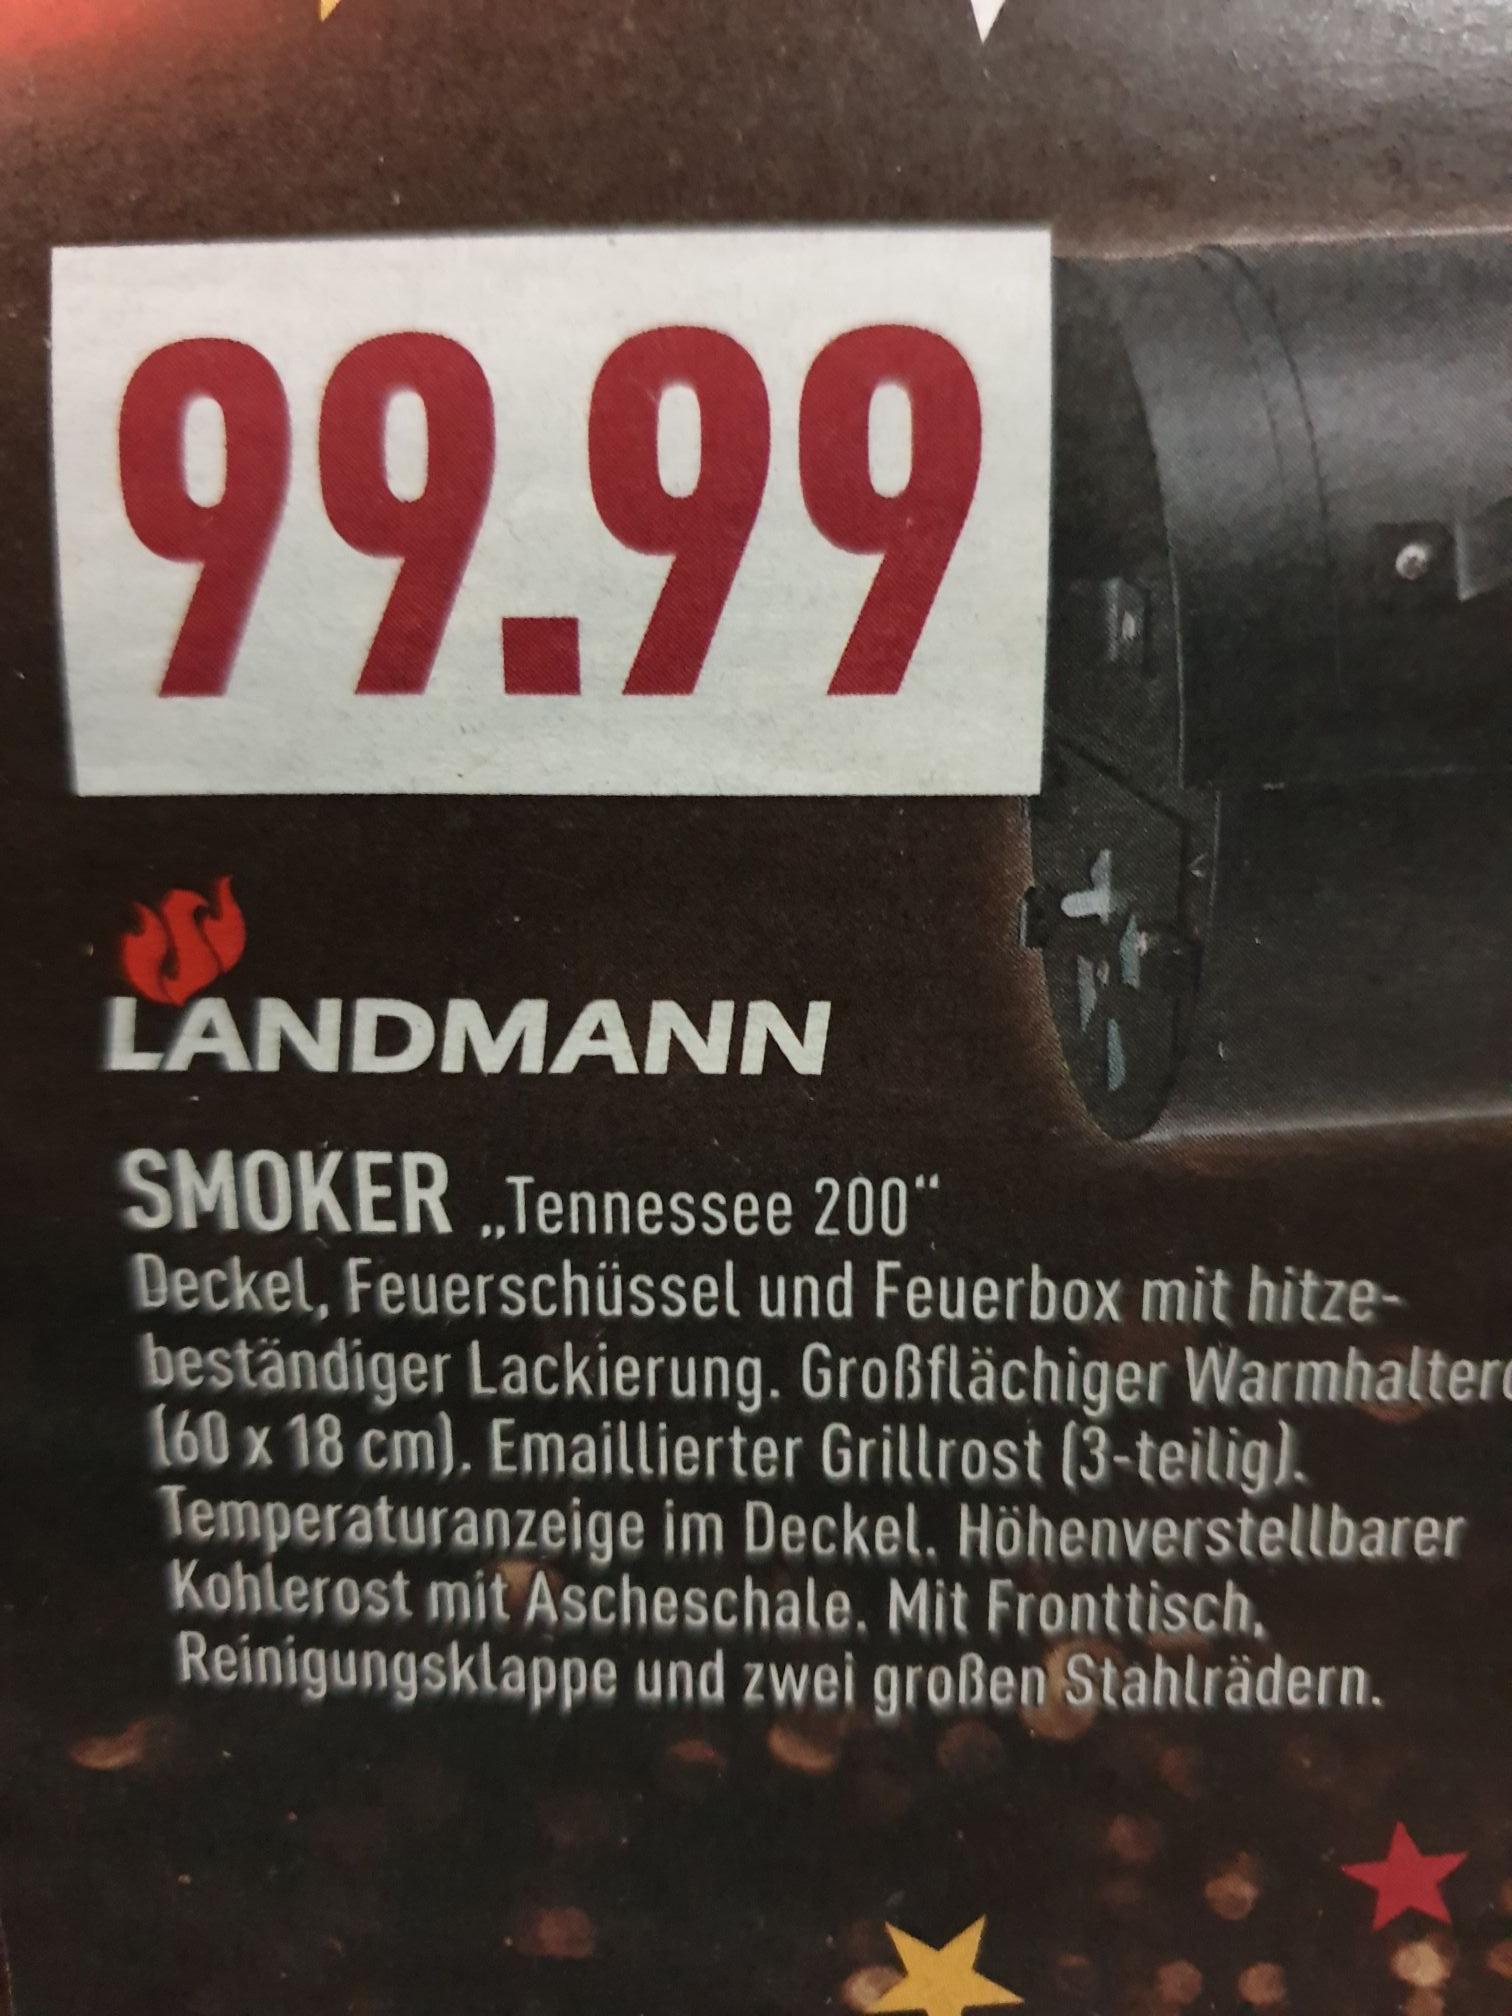 (Marktkauf Bielefeld) Landmann Smoker Tennessee 200 zum Spitzenpreis 99,99€